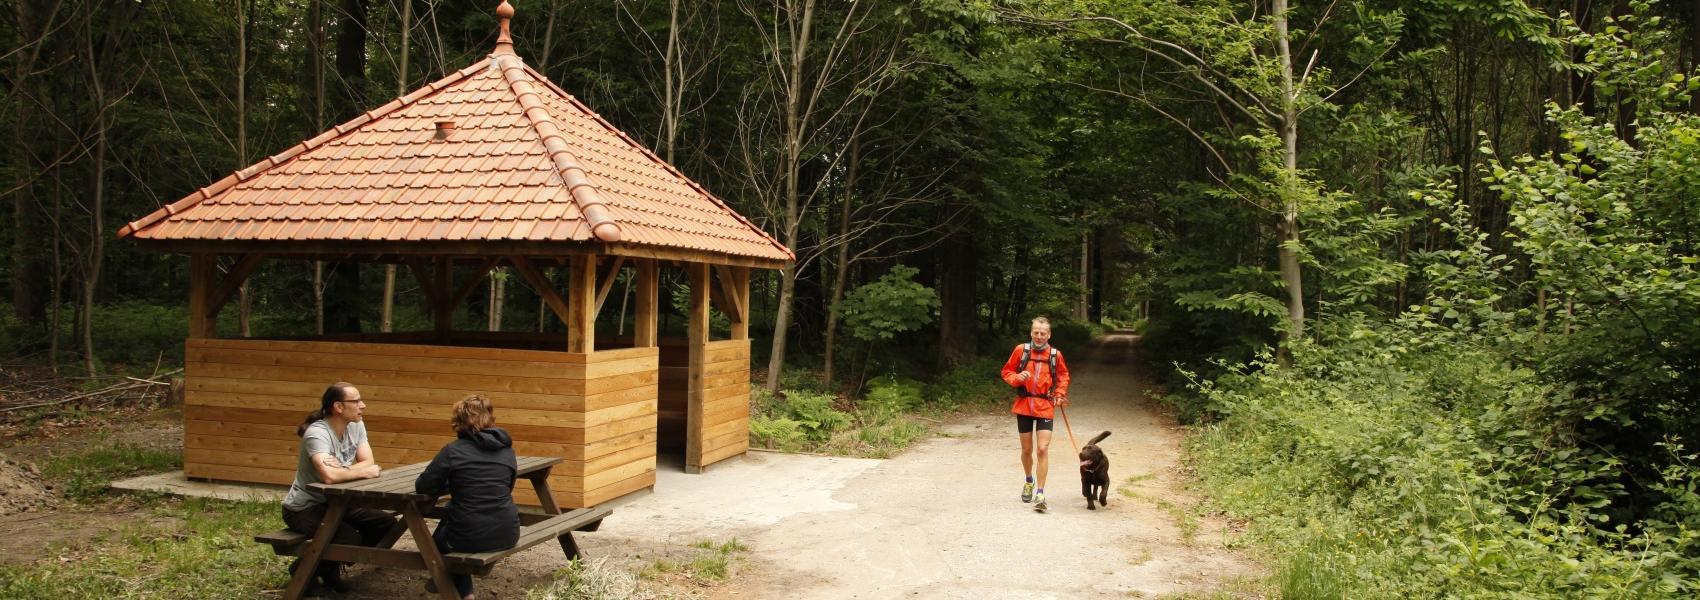 mand met hond en 2 mensen op een picknickbank bij een schuilhut